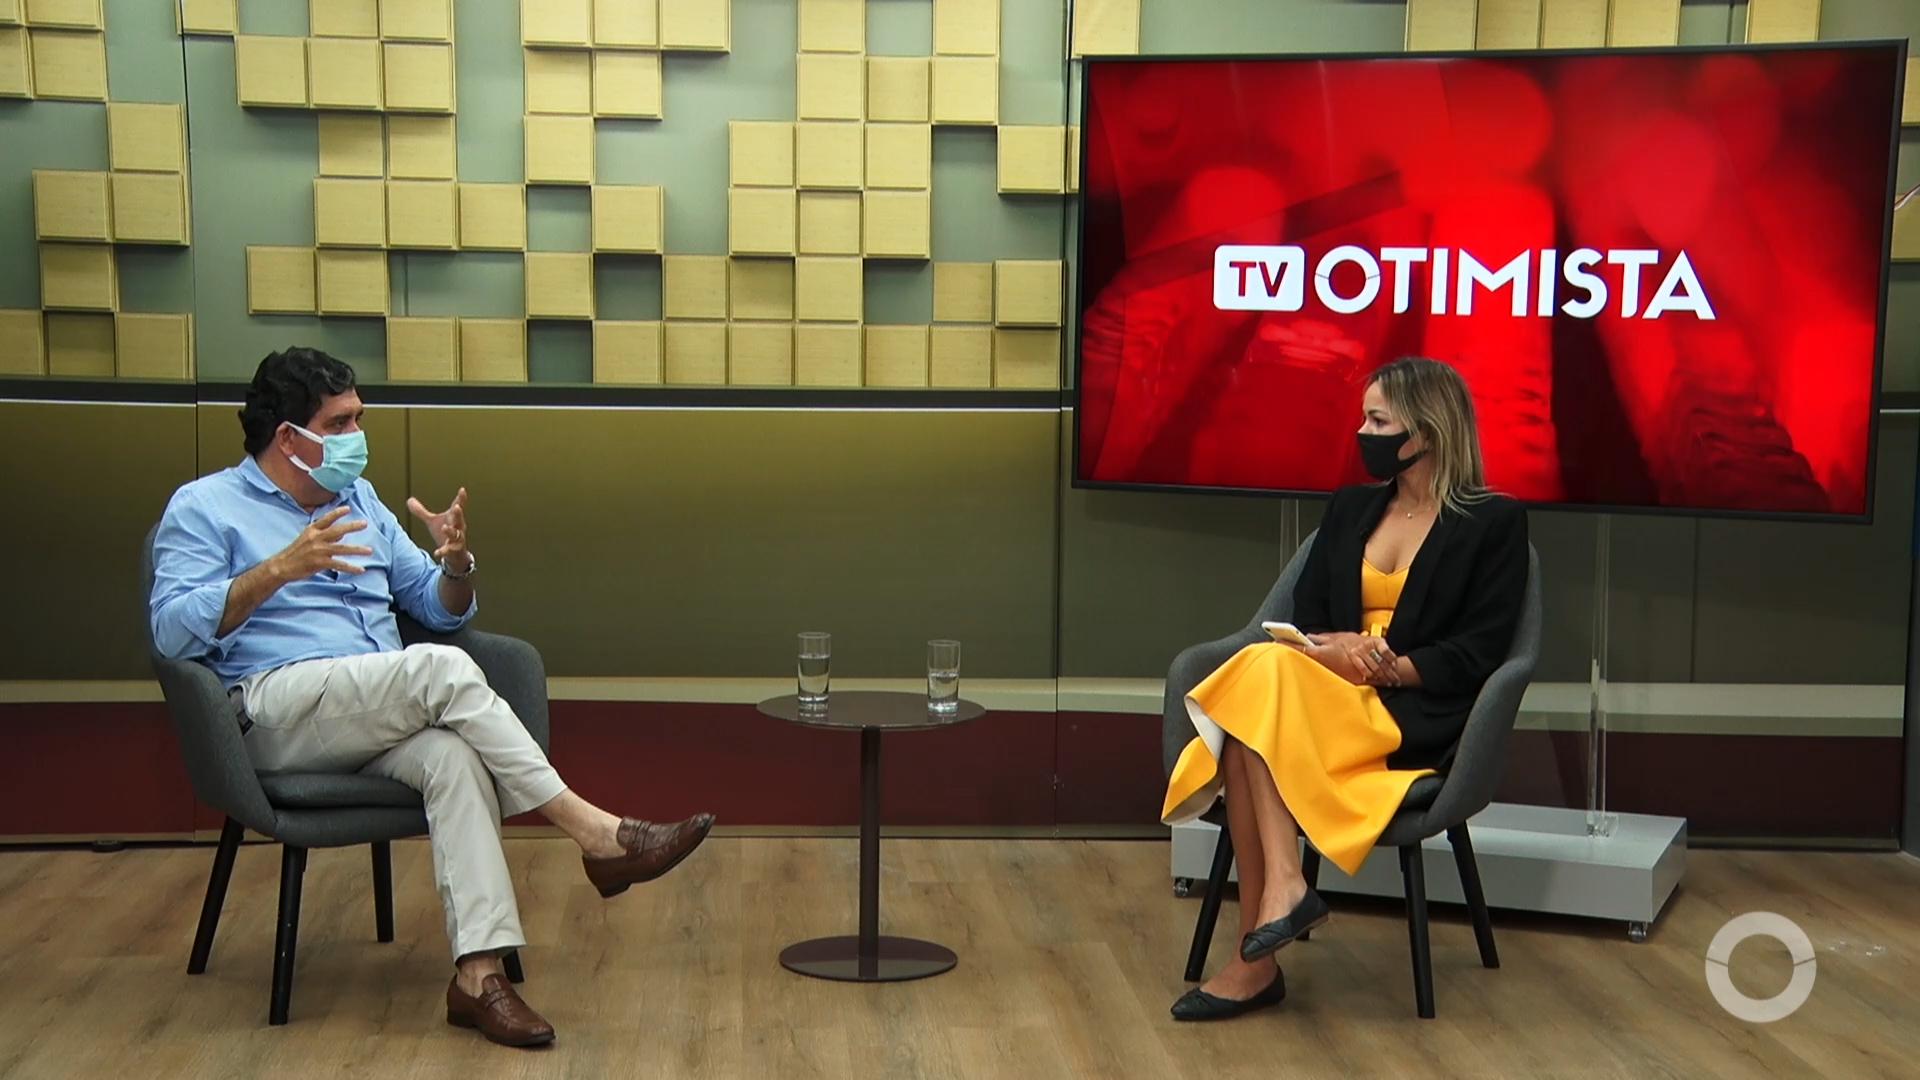 Paginas Vermelhas entrevista Dr. Cabeto, Secretário de Saúde do Estado do Ceará